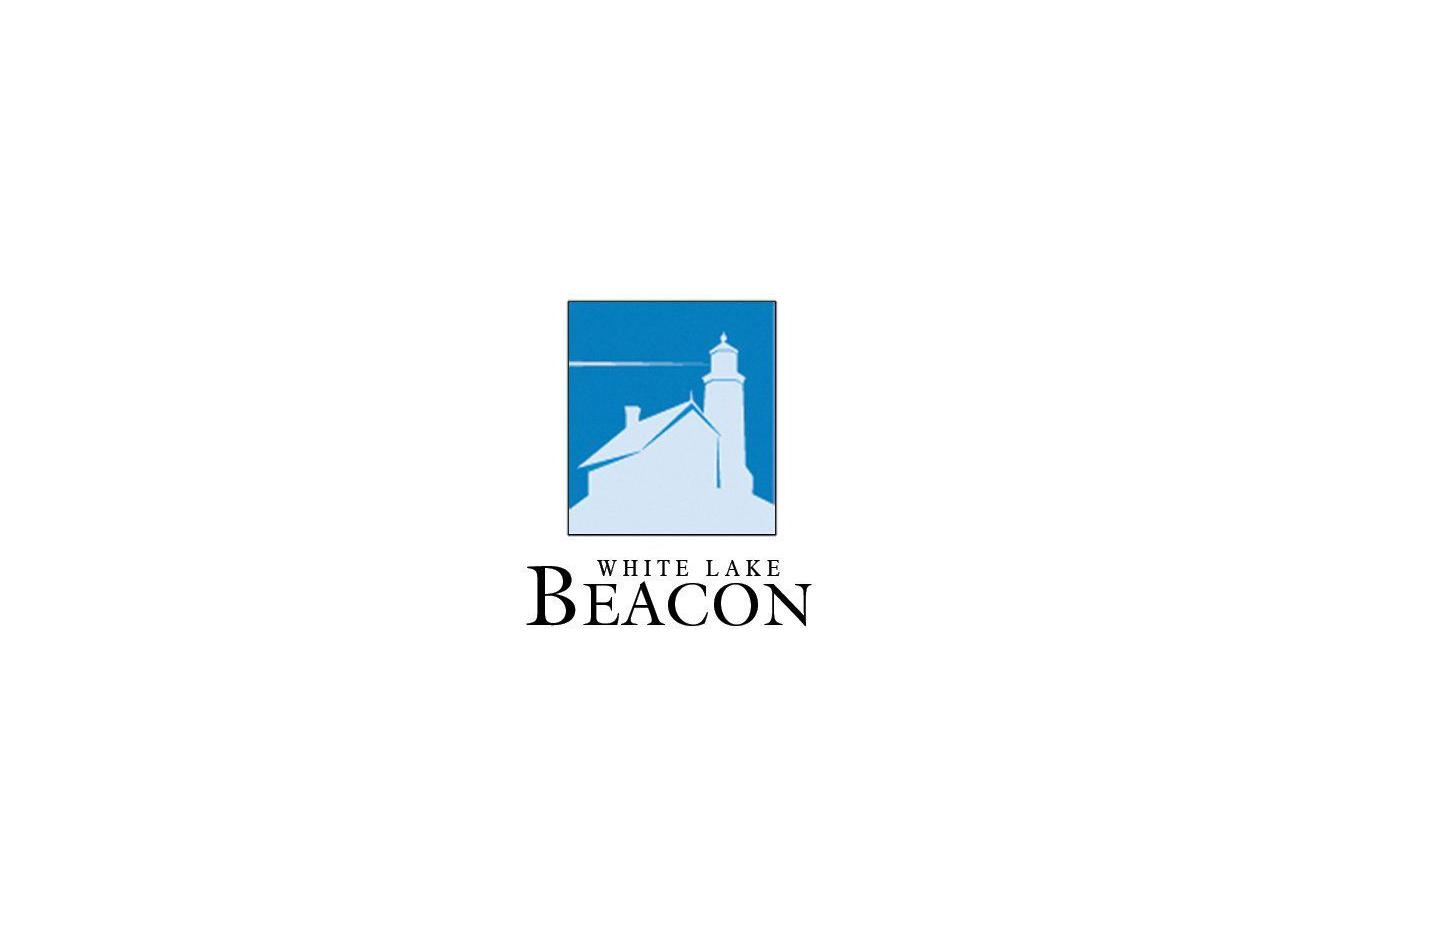 whitelake beacon